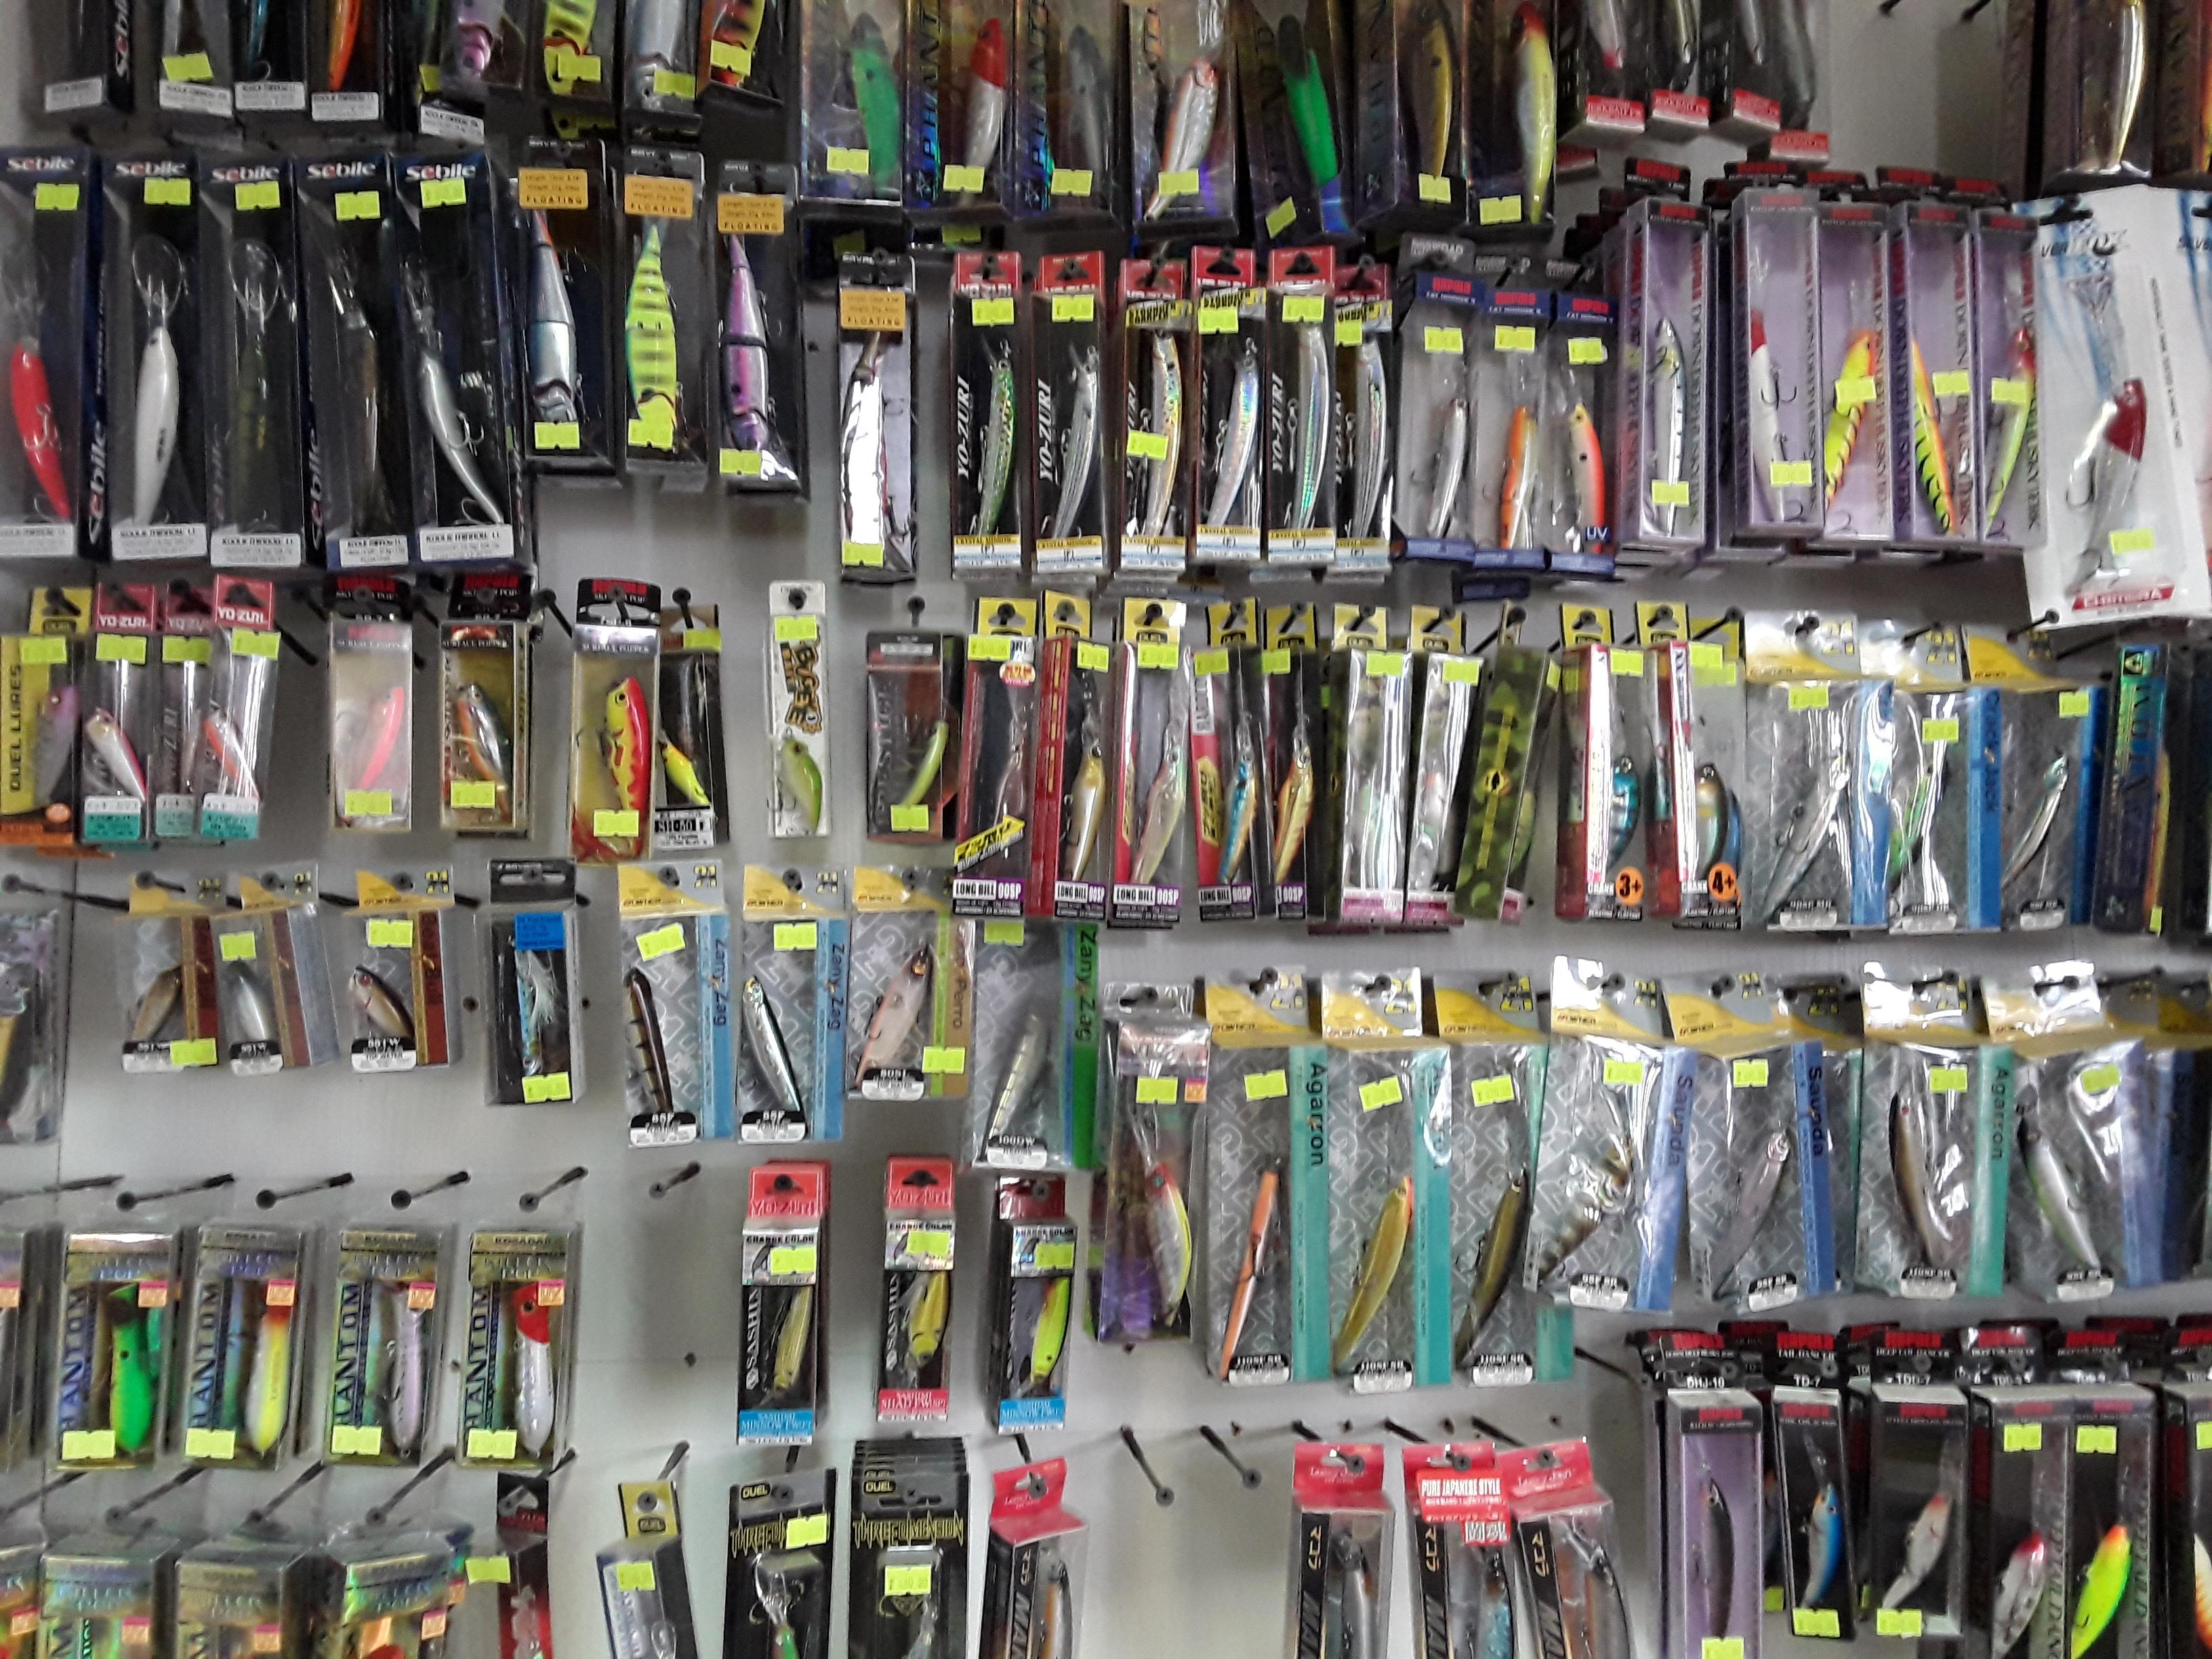 Филиалы магазина Рыболов на Птичке